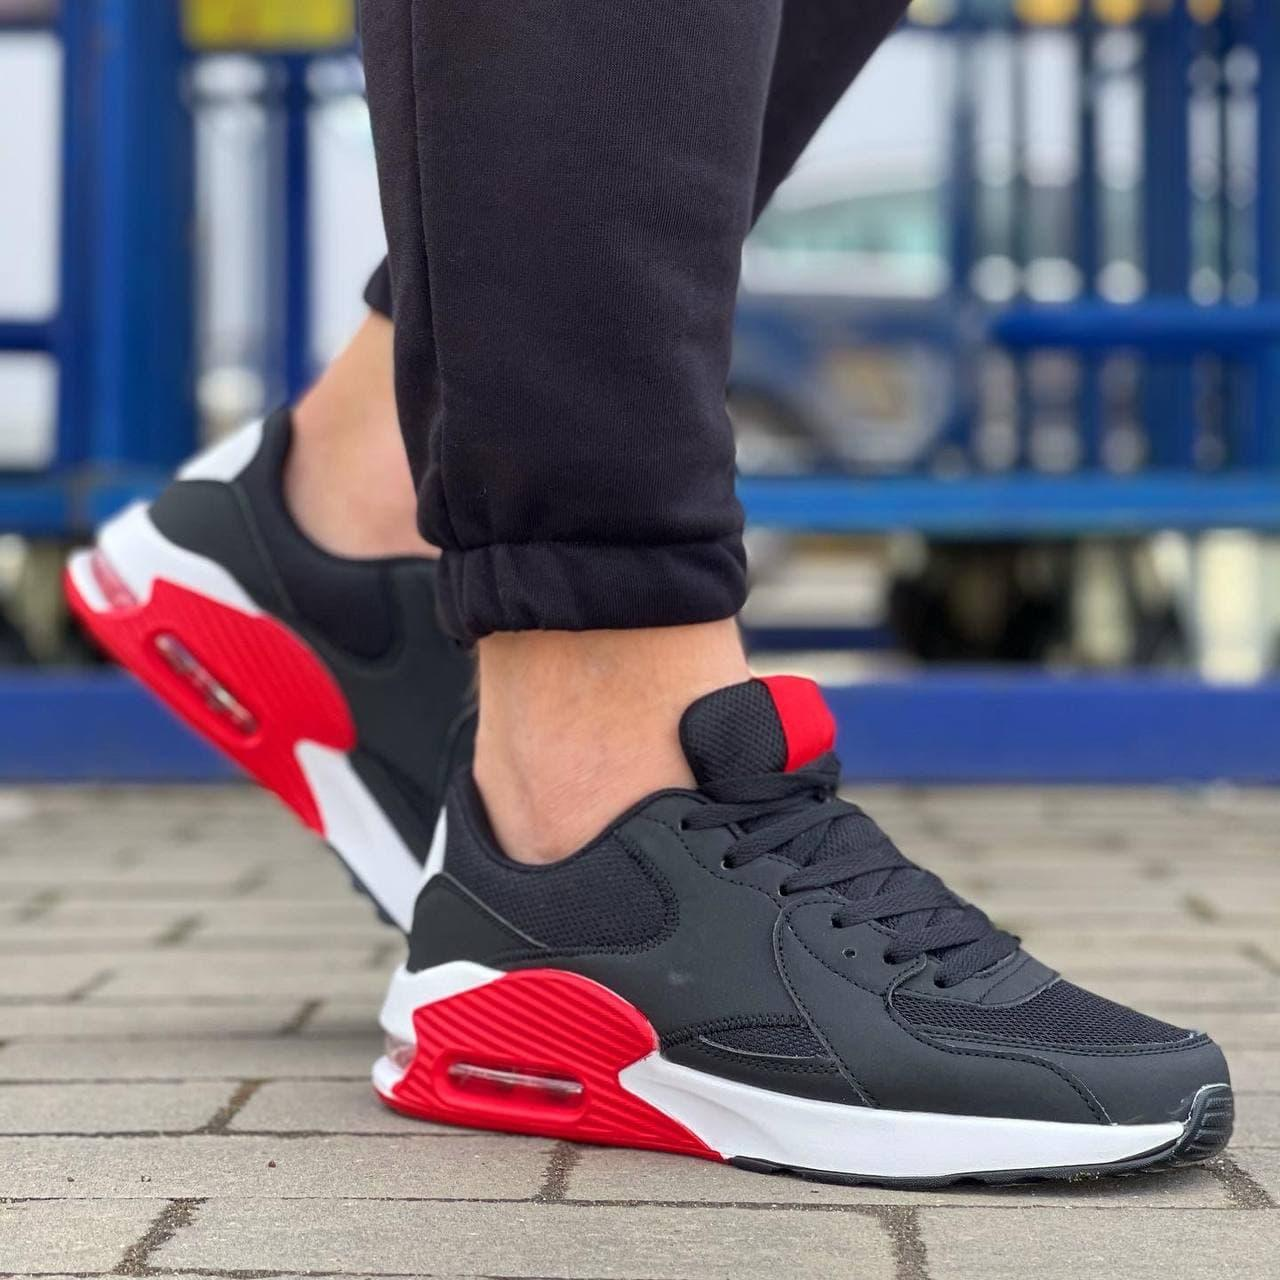 Мужские кроссовки  в стиле  ривал 40-45 черные с красным 0127